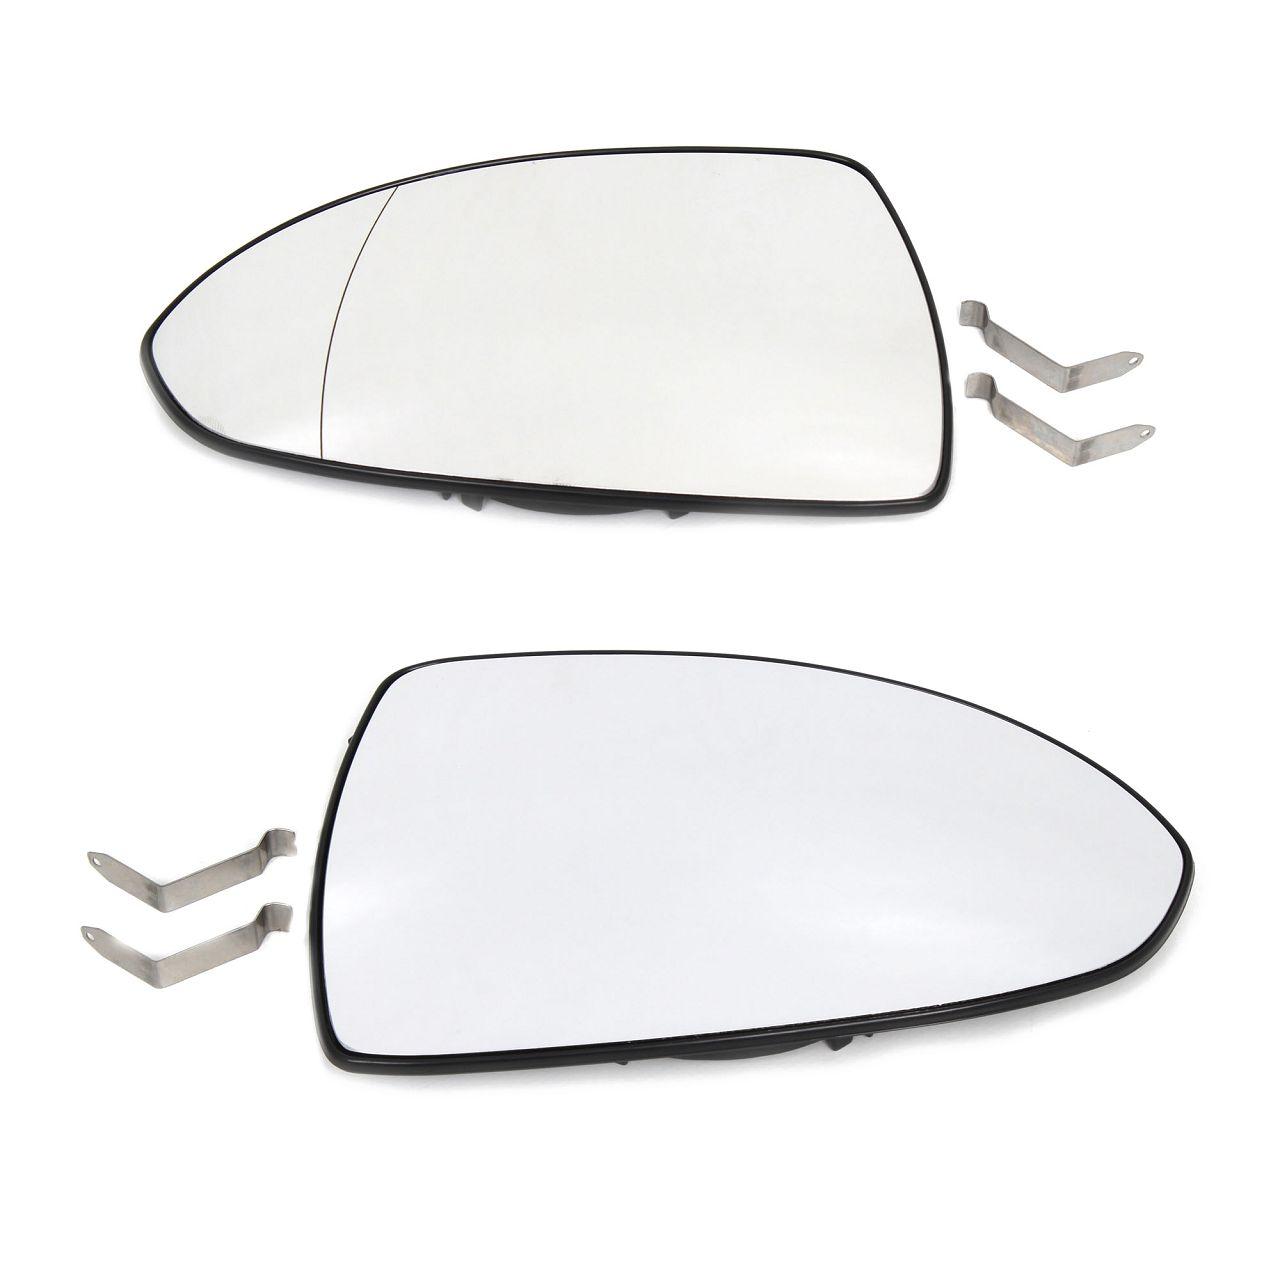 2x JOHNS Außenspiegel Spiegelglas ELEKTRISCH für OPEL Corsa D links + rechts